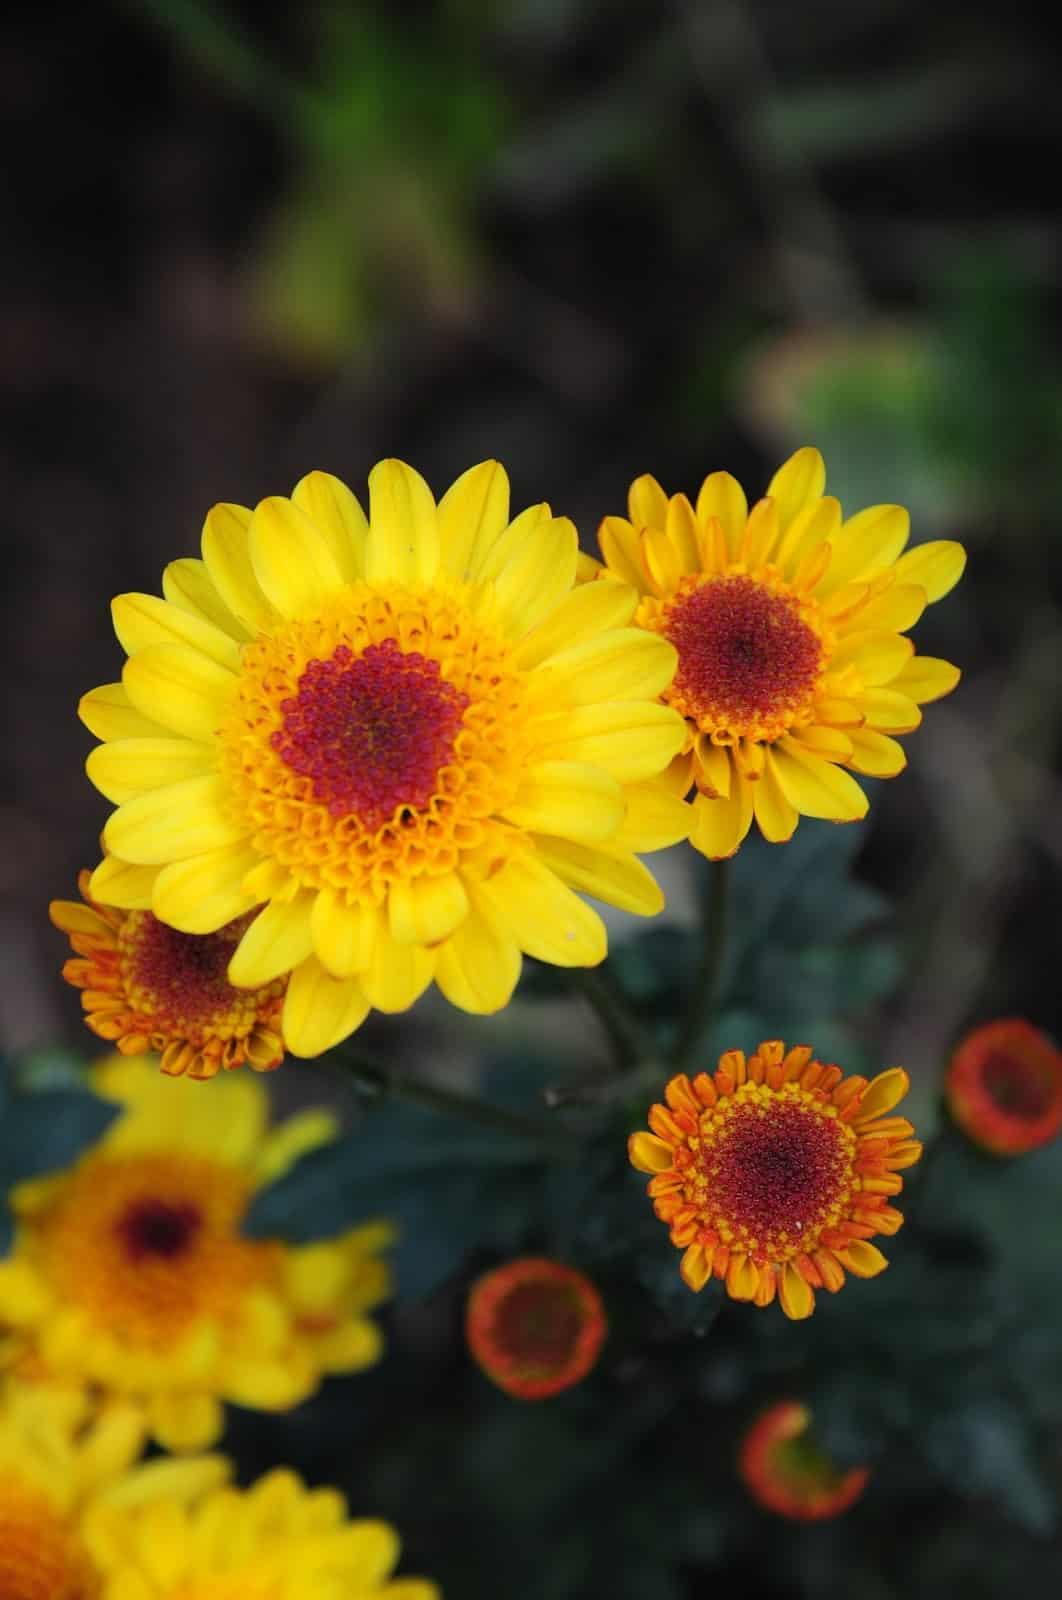 chrysanthemum morifolium 2508259 1920